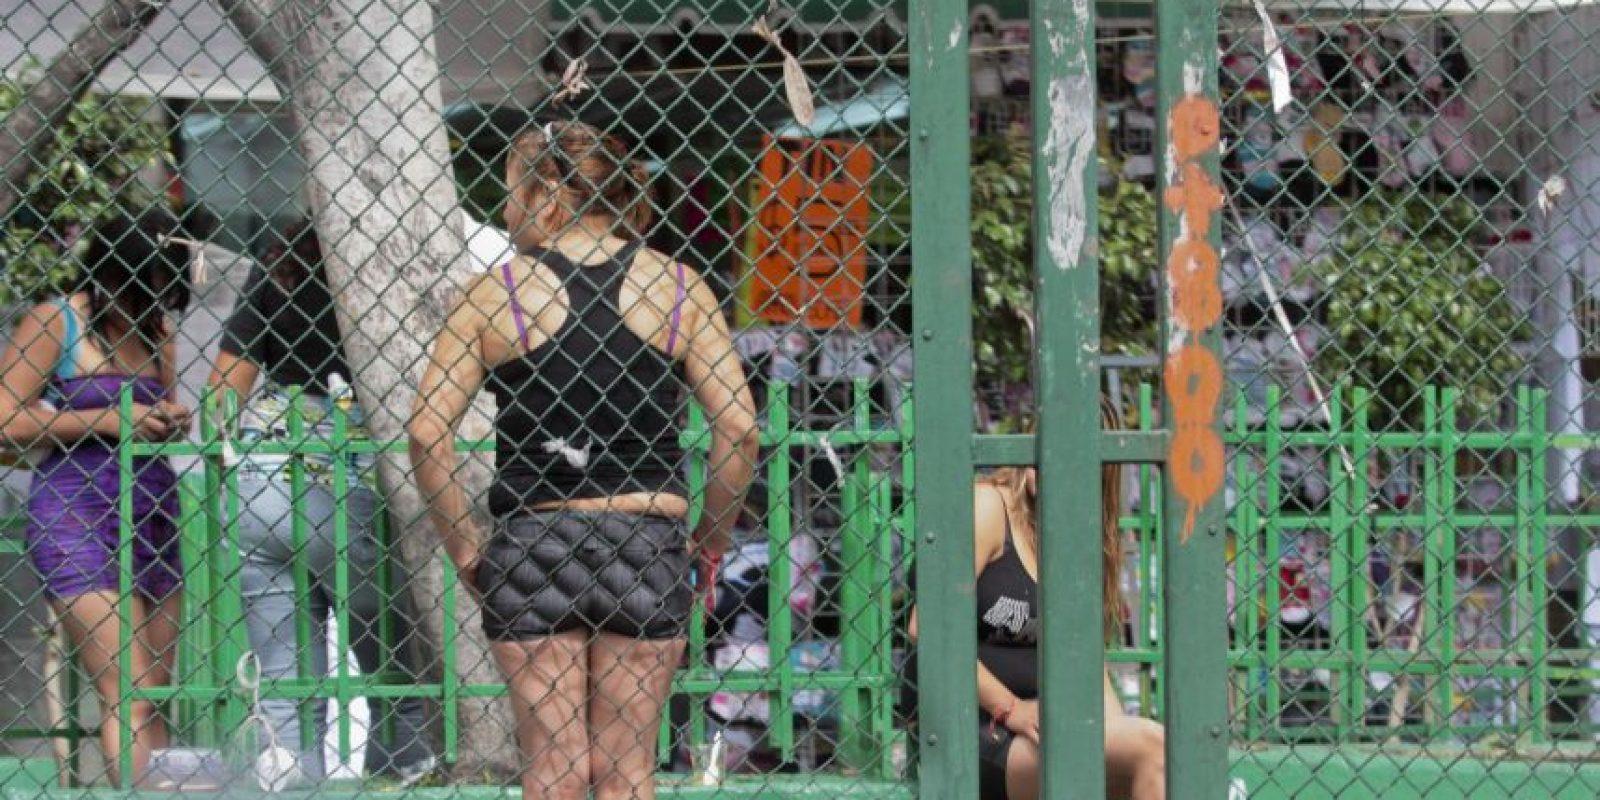 Mexicana del df con garganta profunda mamando rico - 3 part 4